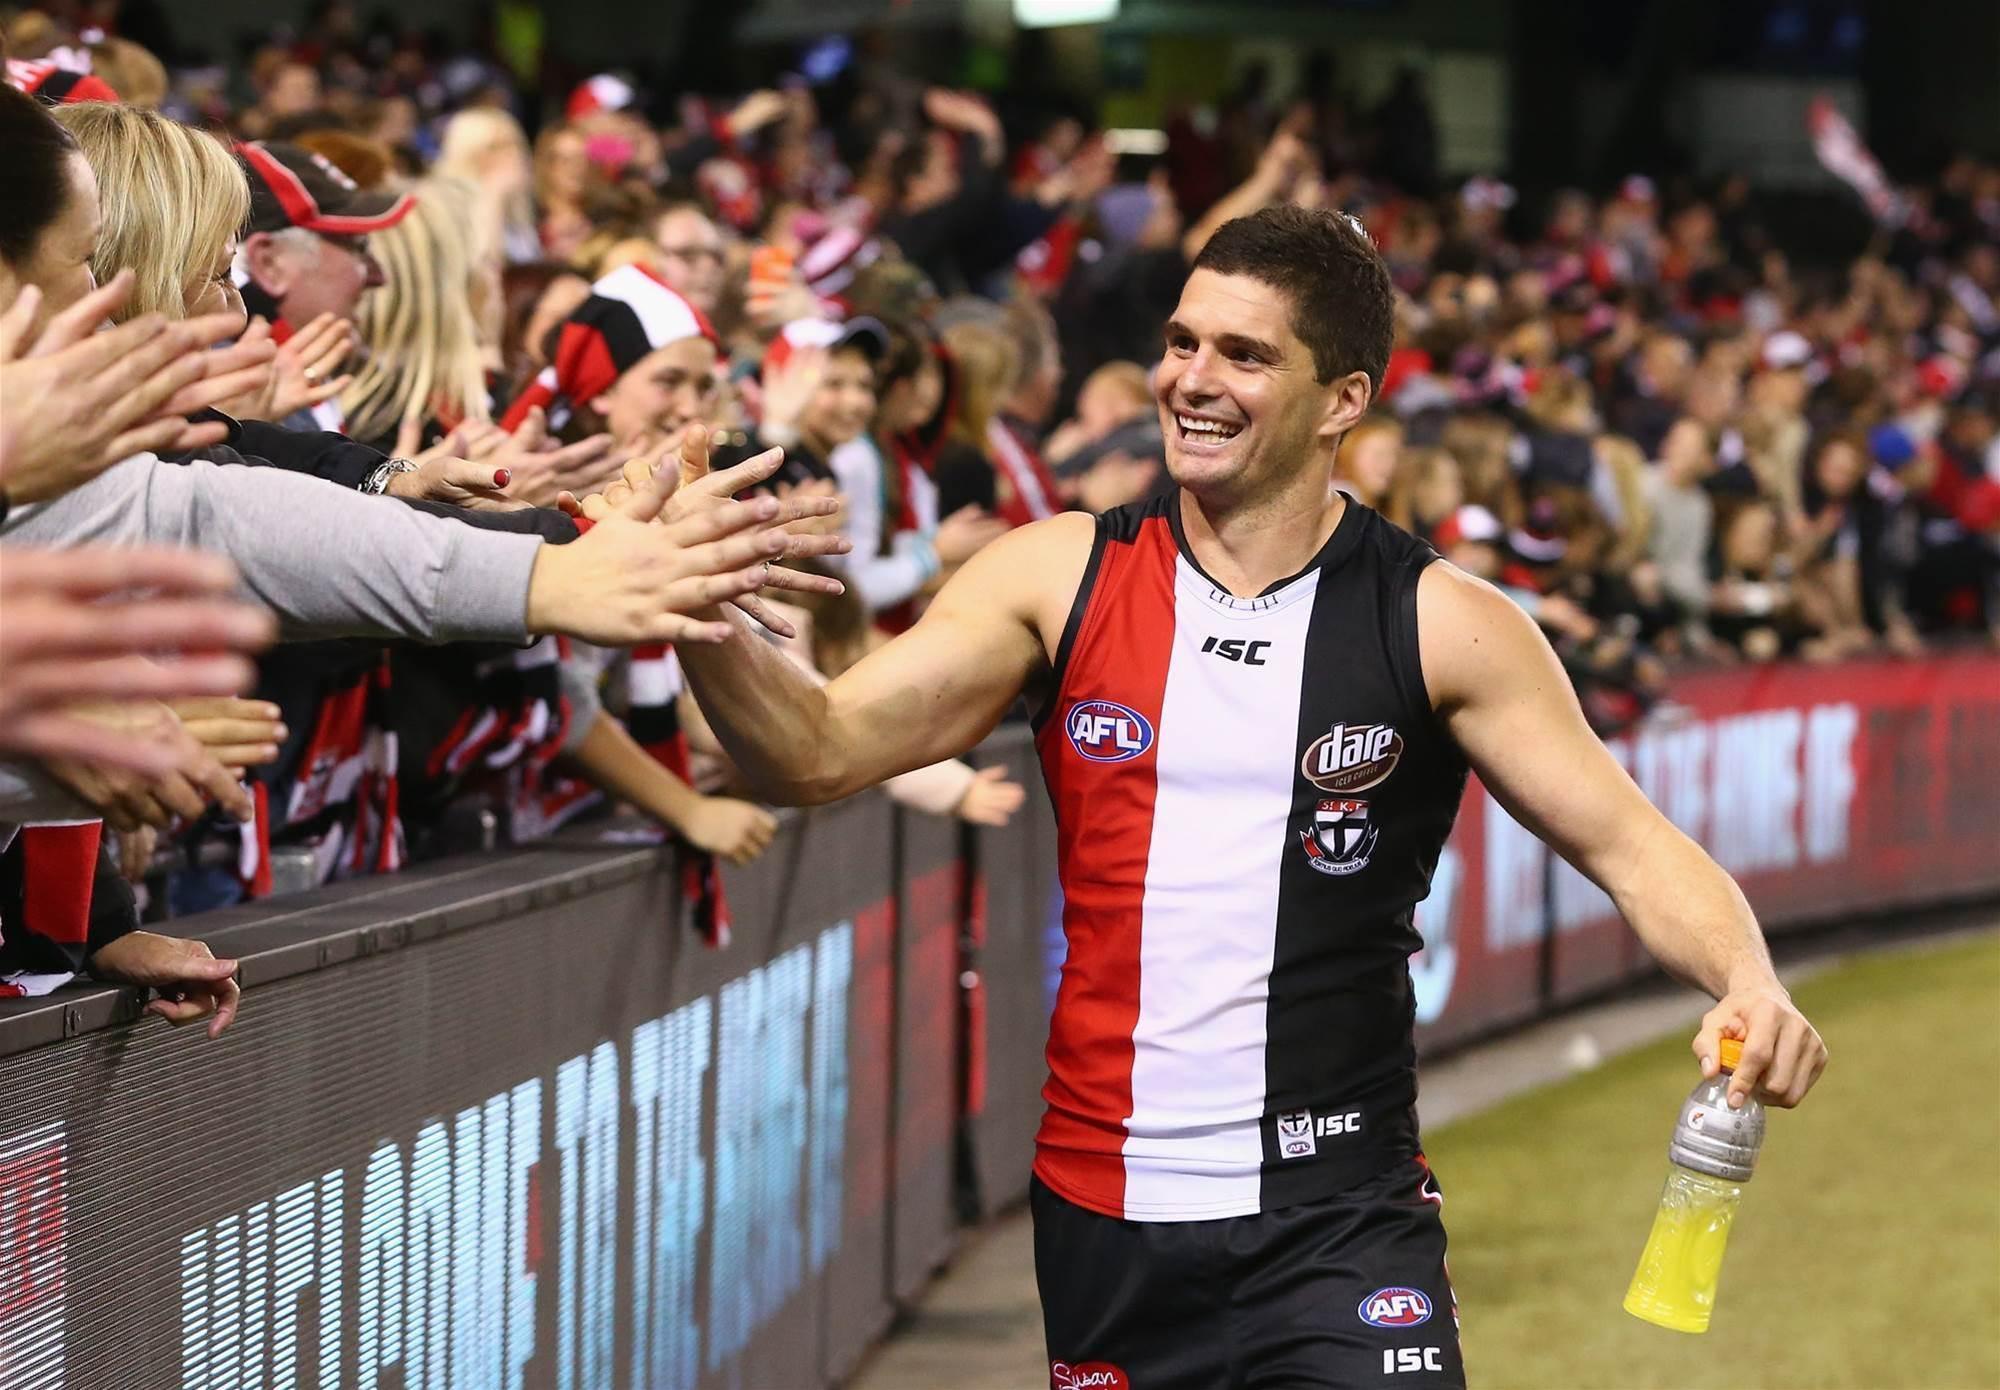 Saints champion retires